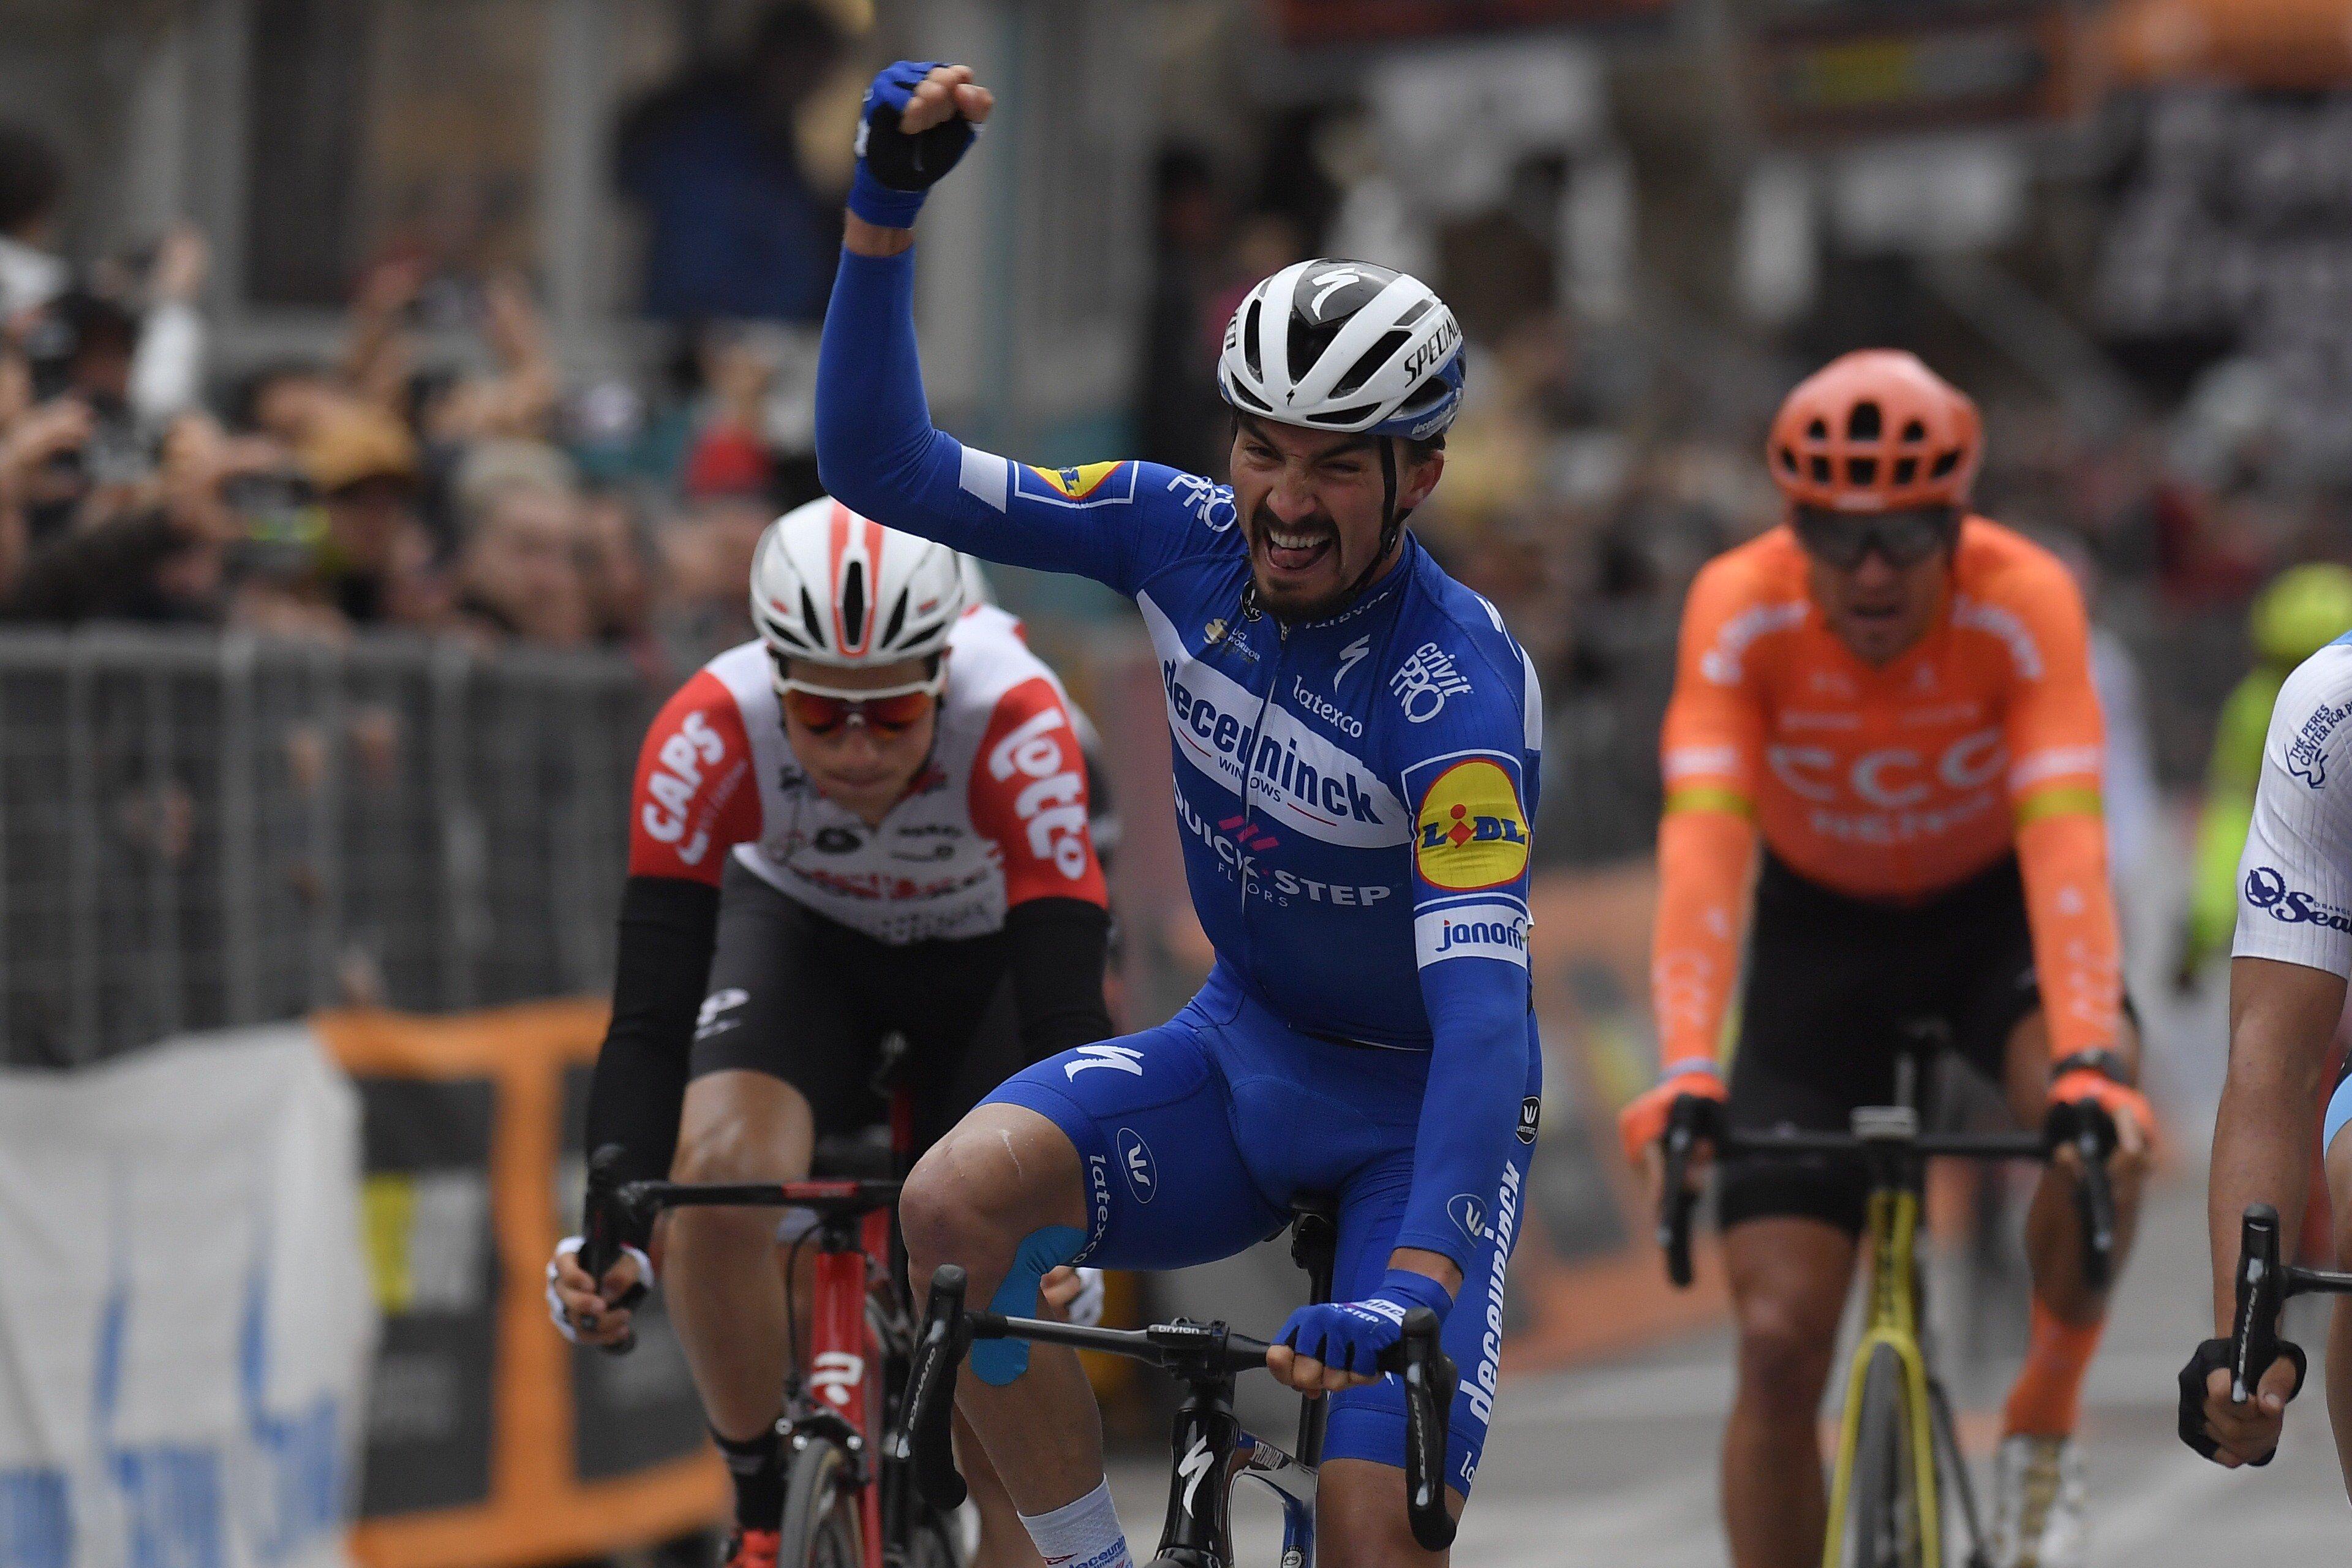 Super vittoria di Julian Alaphilippe nella penultima tappa della Tirreno-Adriatico.